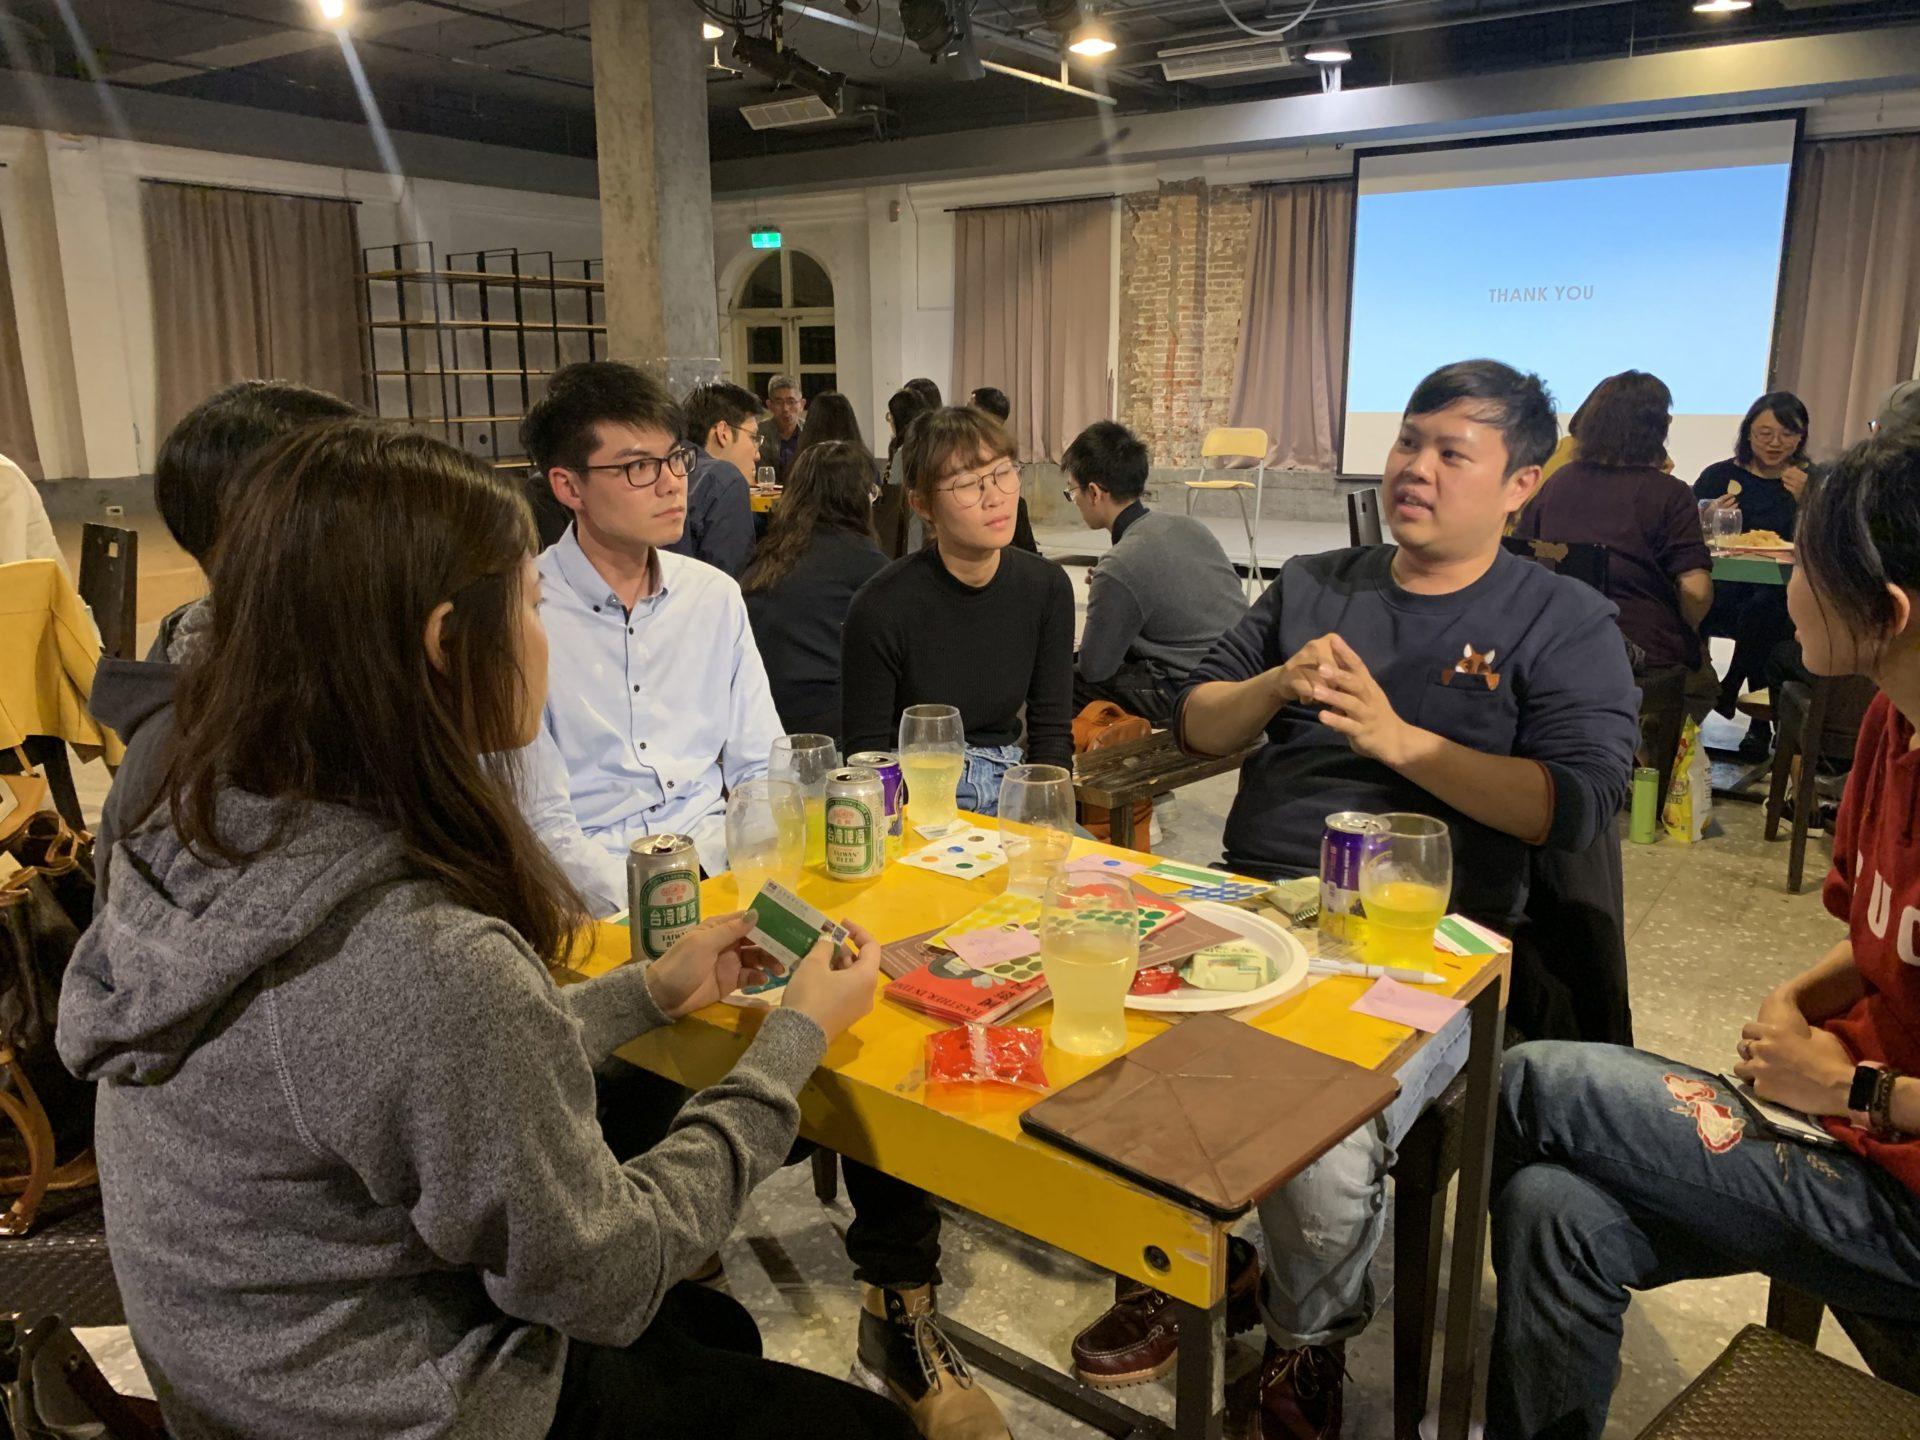 【博物之島新訊】文化987在華山對話!藝文場館之夜展現多元樣貌